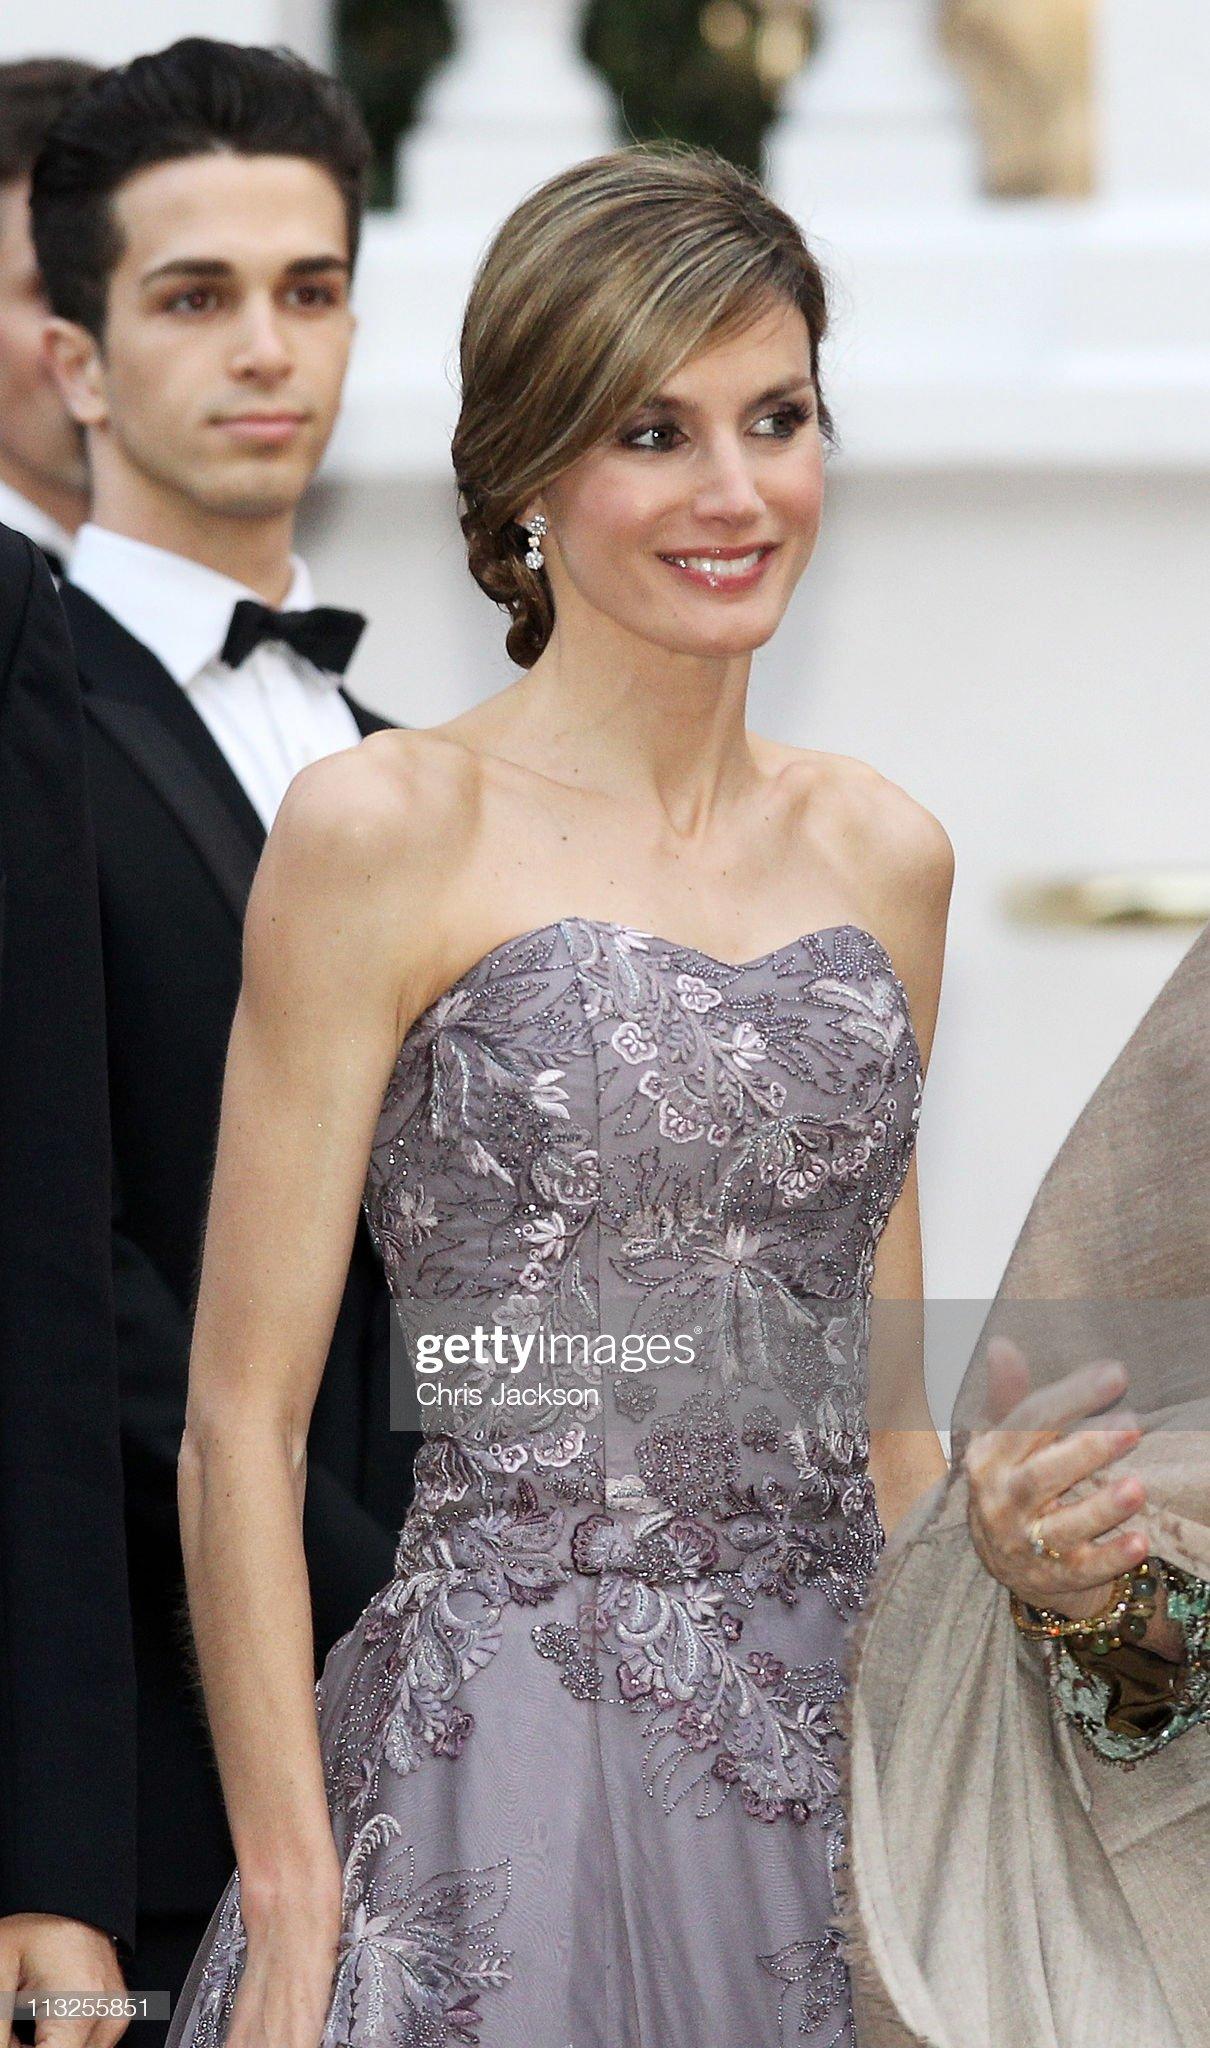 Вечерние наряды Королевы Летиции Royal Wedding - Pre-Wedding Dinner : News Photo